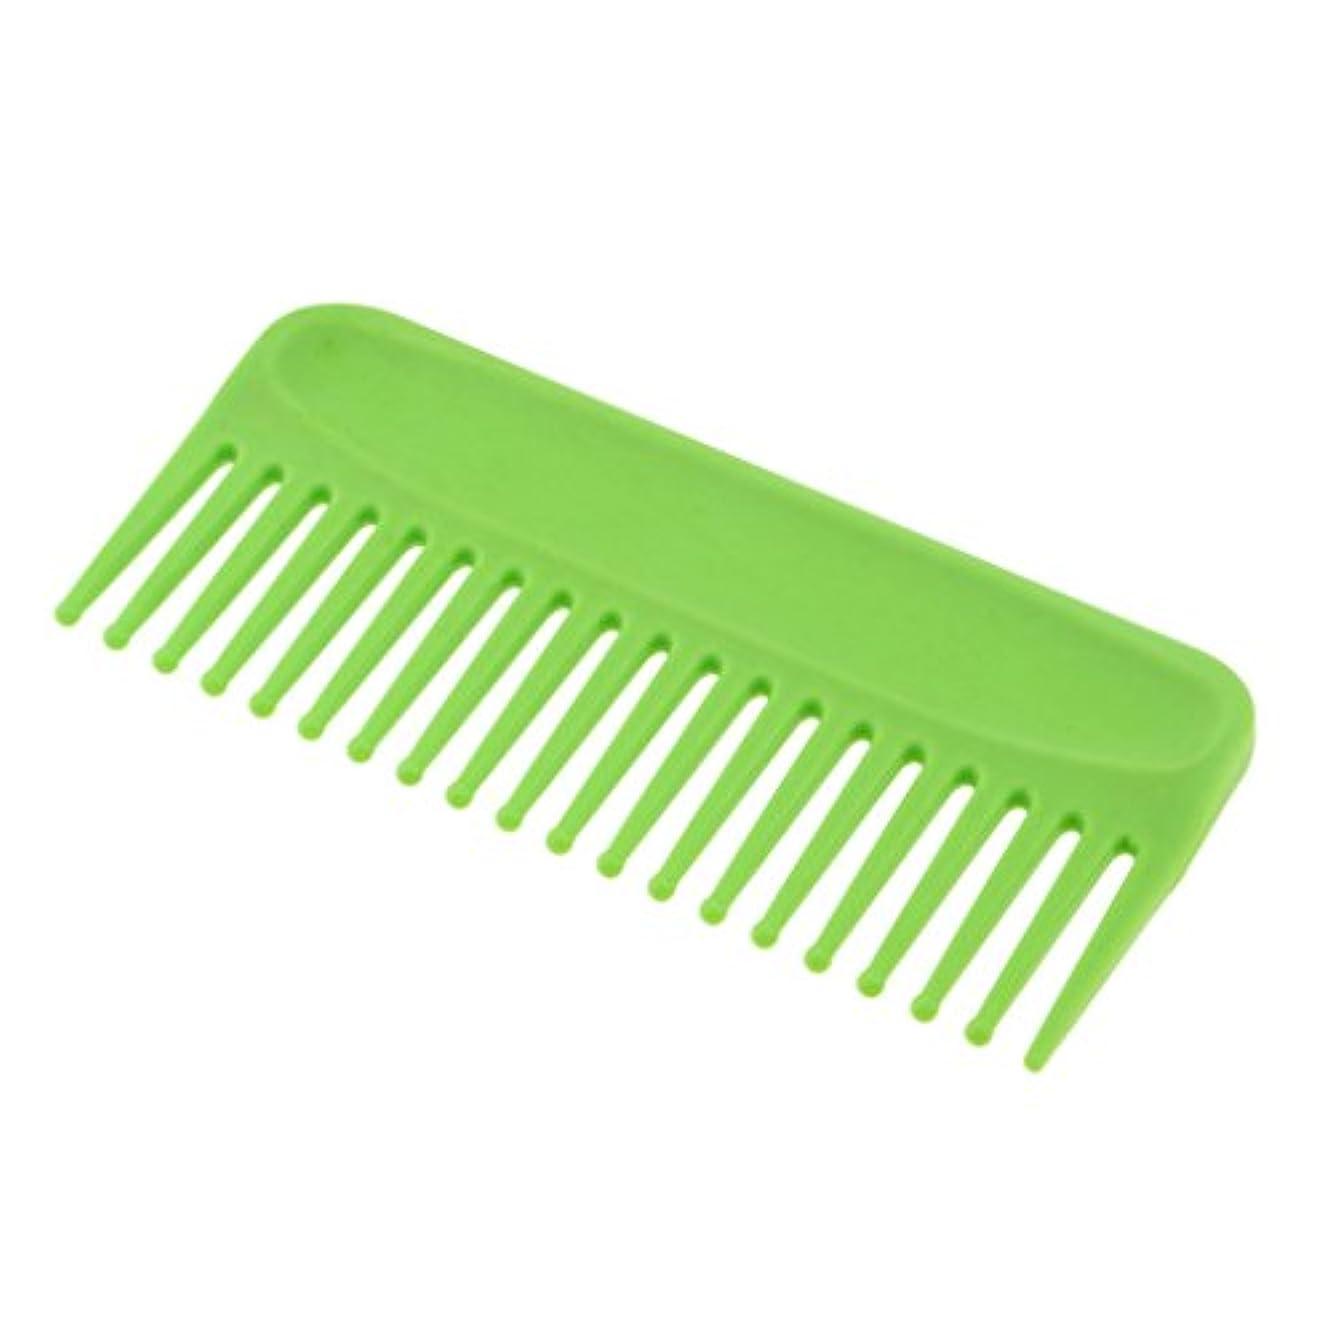 代数無知見捨てられたBaosity ヘアコーム コーム くし 頭皮 マッサージ 耐熱性 帯電防止 プラスチック性 ヘアスタイリング 4色選べる - 緑